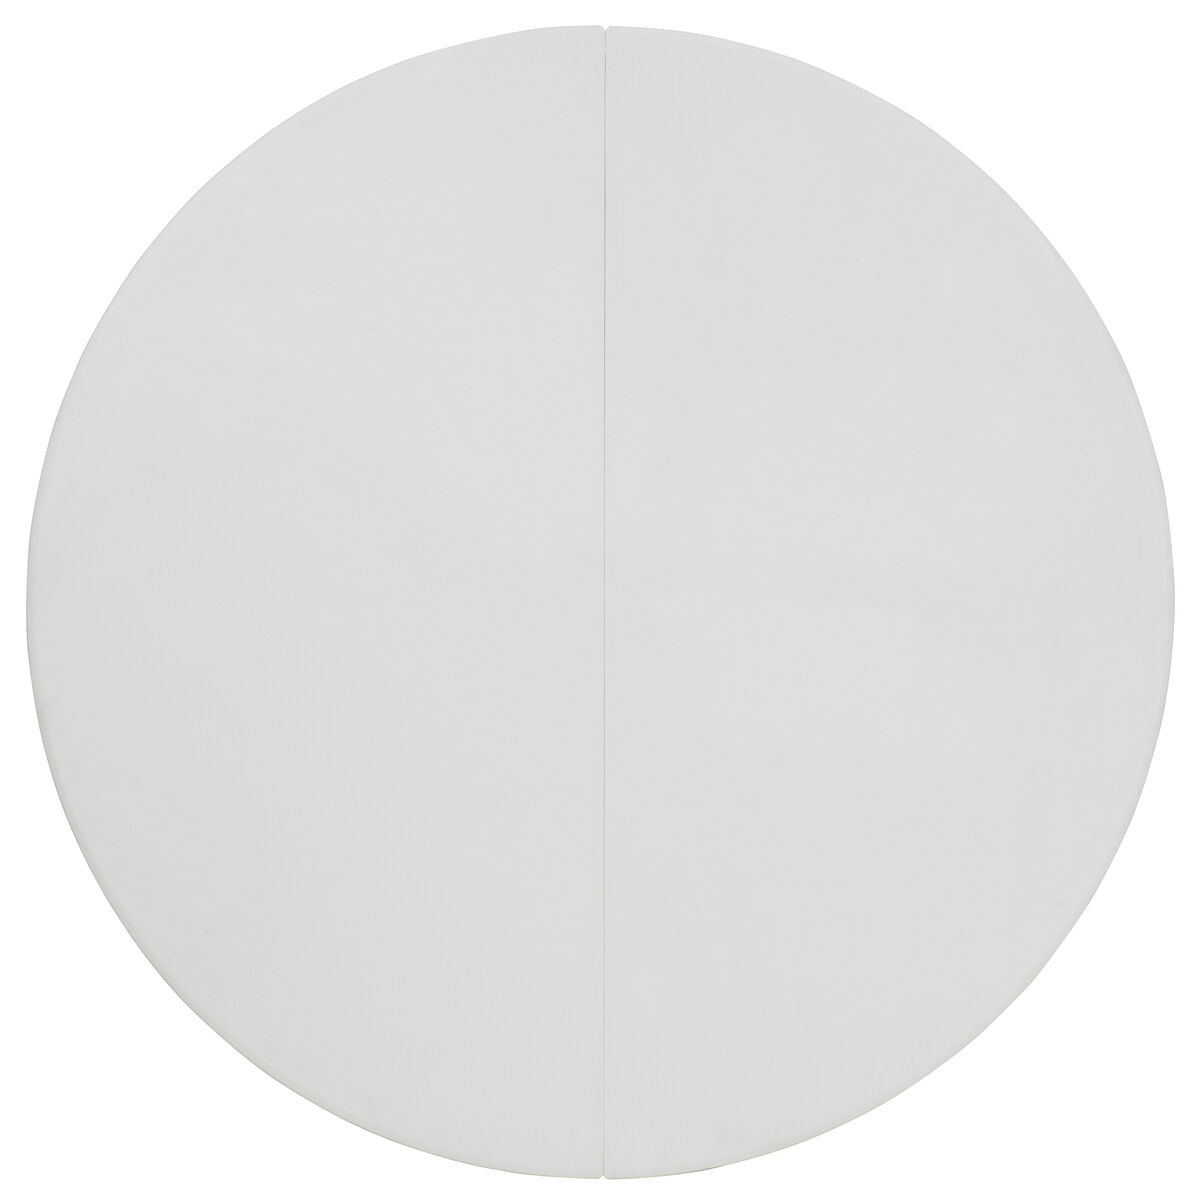 60rd White Plastic Fold Table Dad Ycz 154 Gw Gg